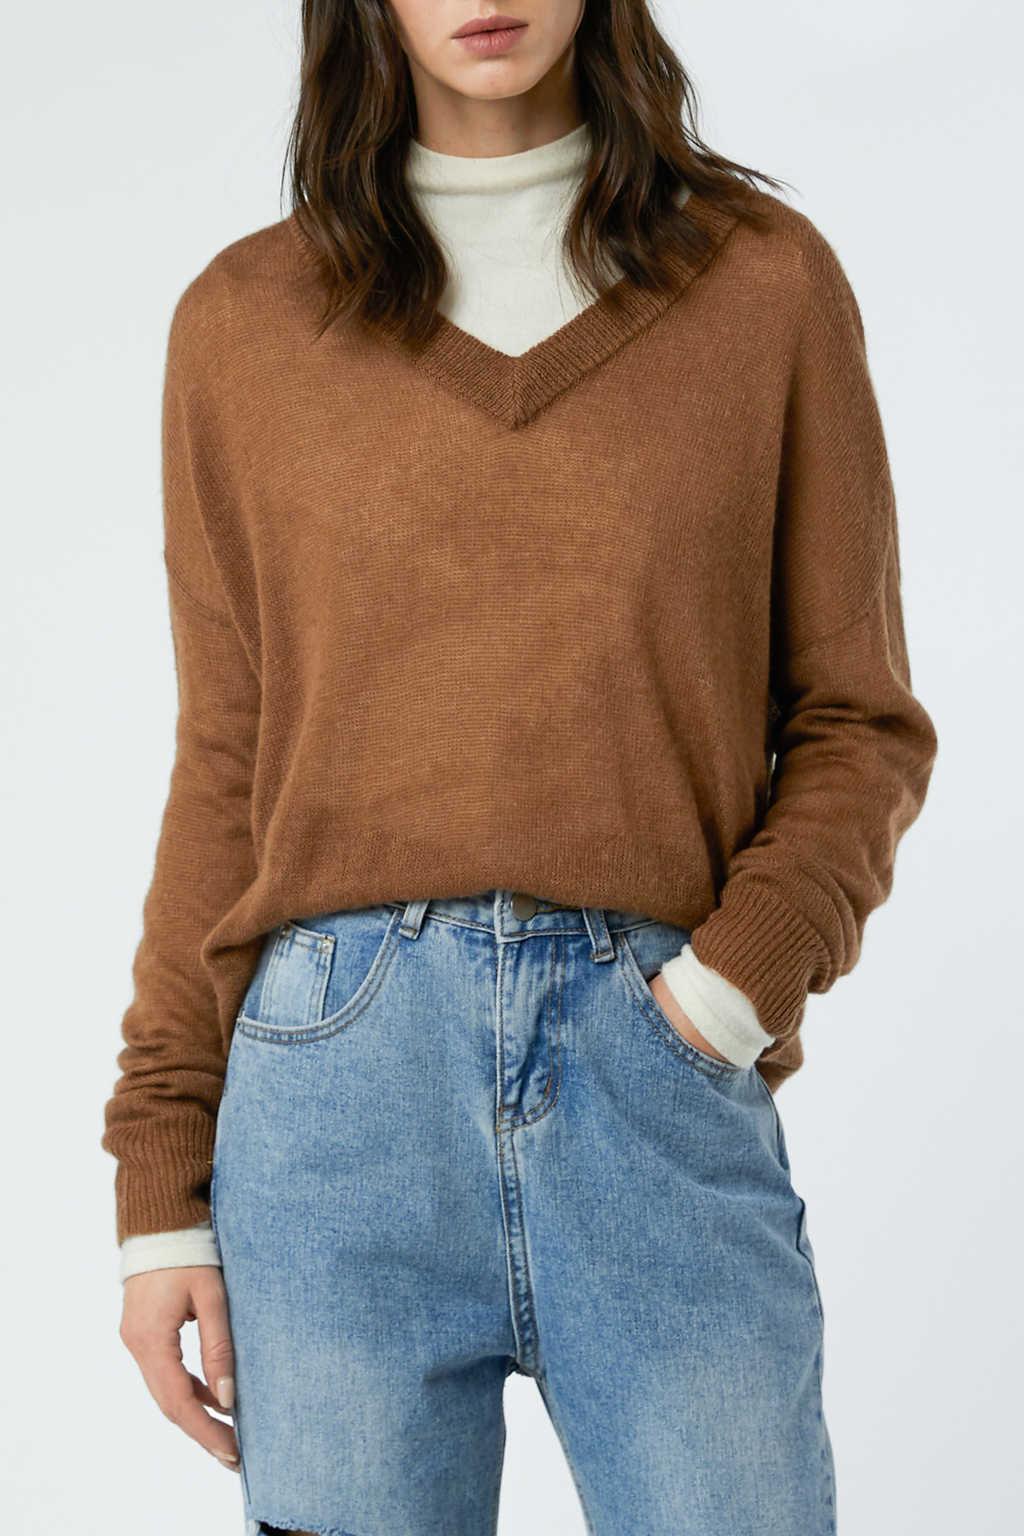 Sweater 2980 Tan 8